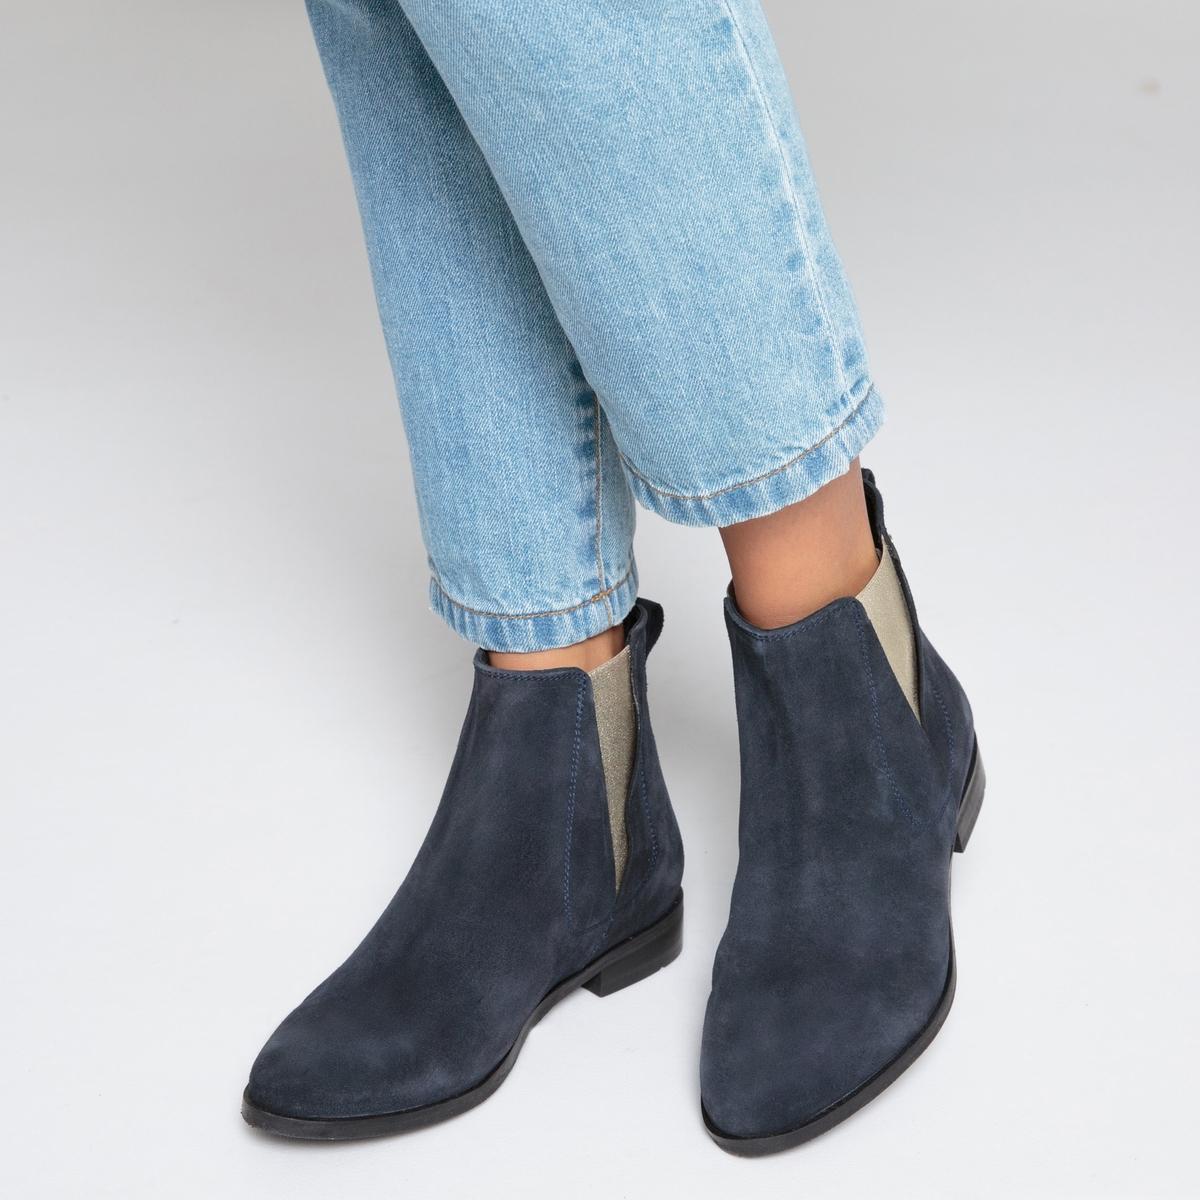 Ботинки-челси кожаные с металлизированными эластичными вставками купить футбольную форму челси торрес